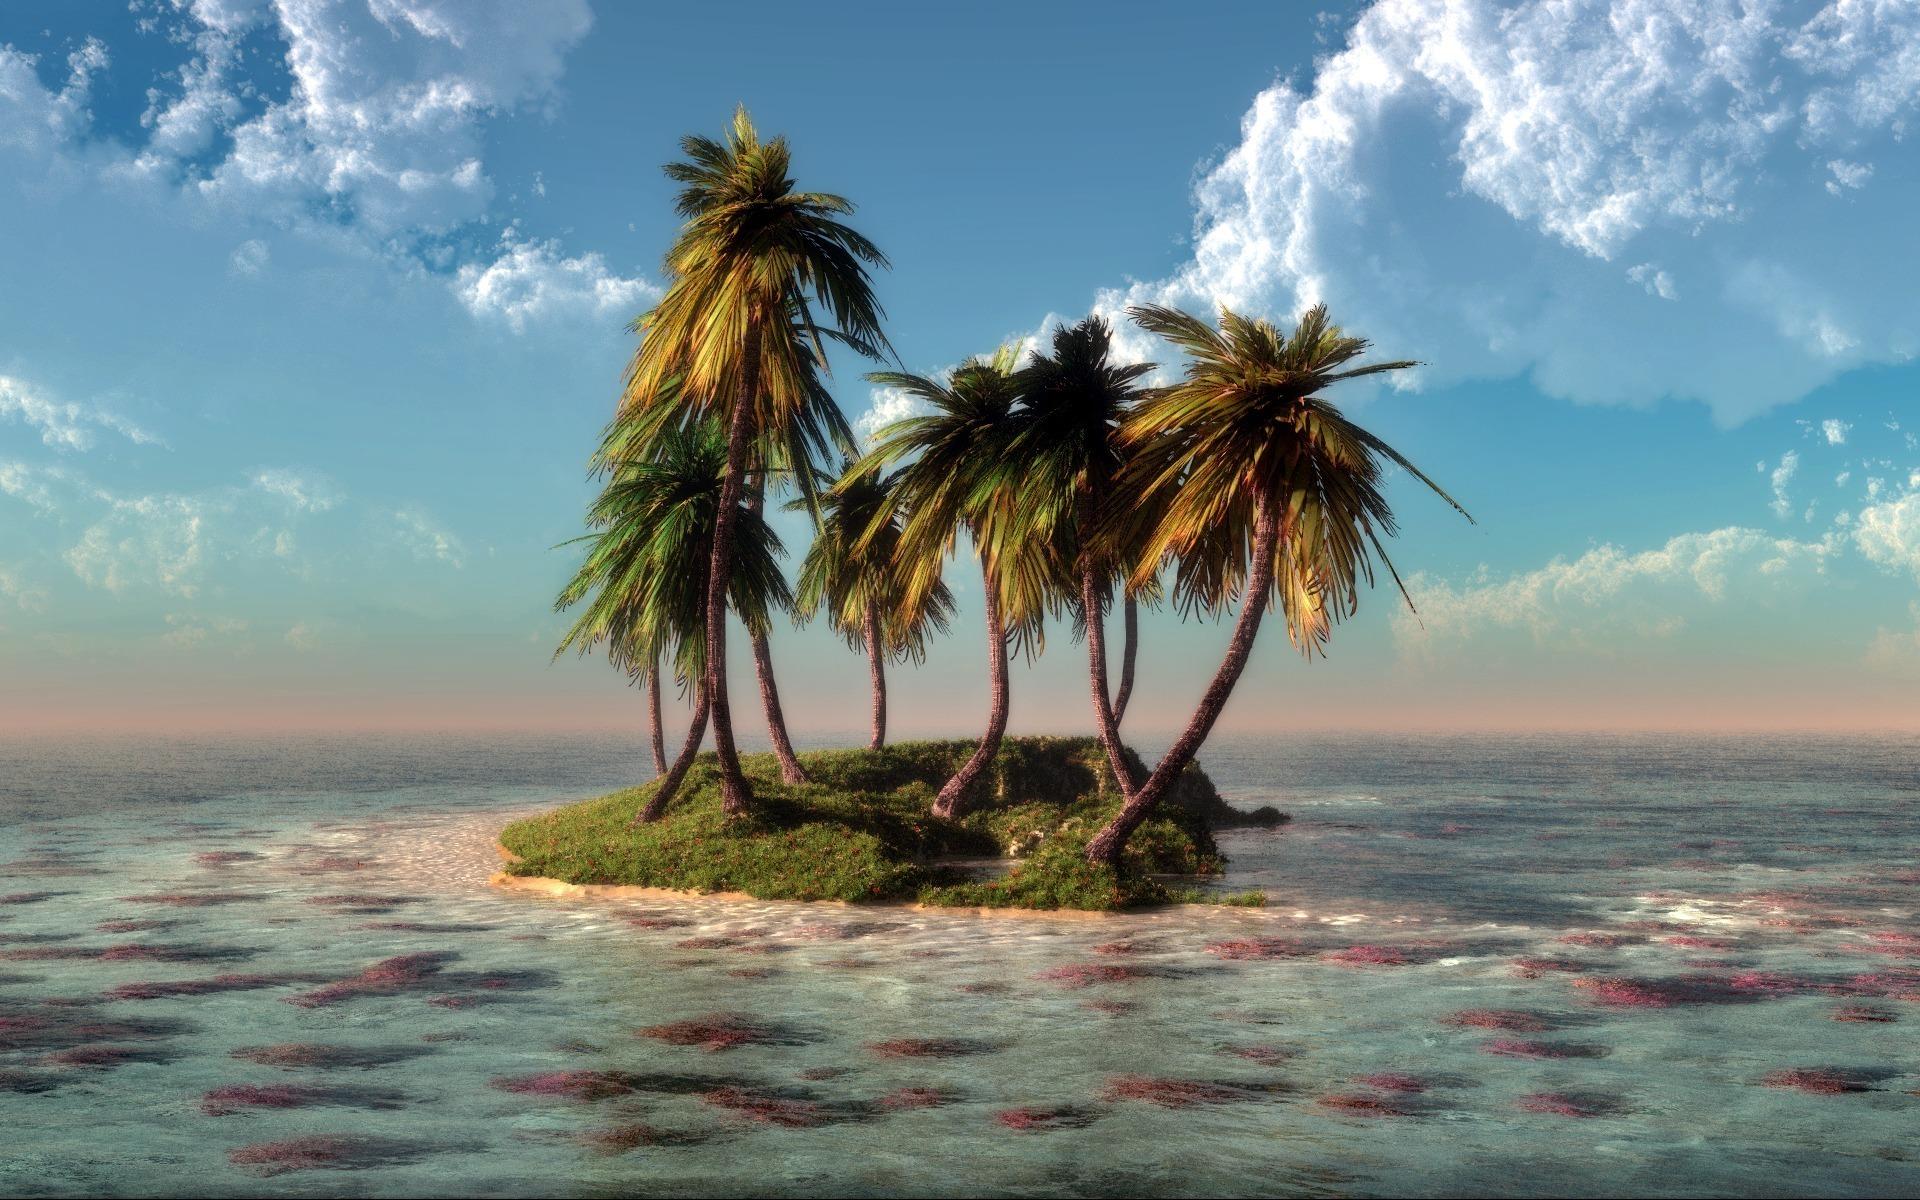 28907 скачать обои Пейзаж, Море, Пальмы - заставки и картинки бесплатно